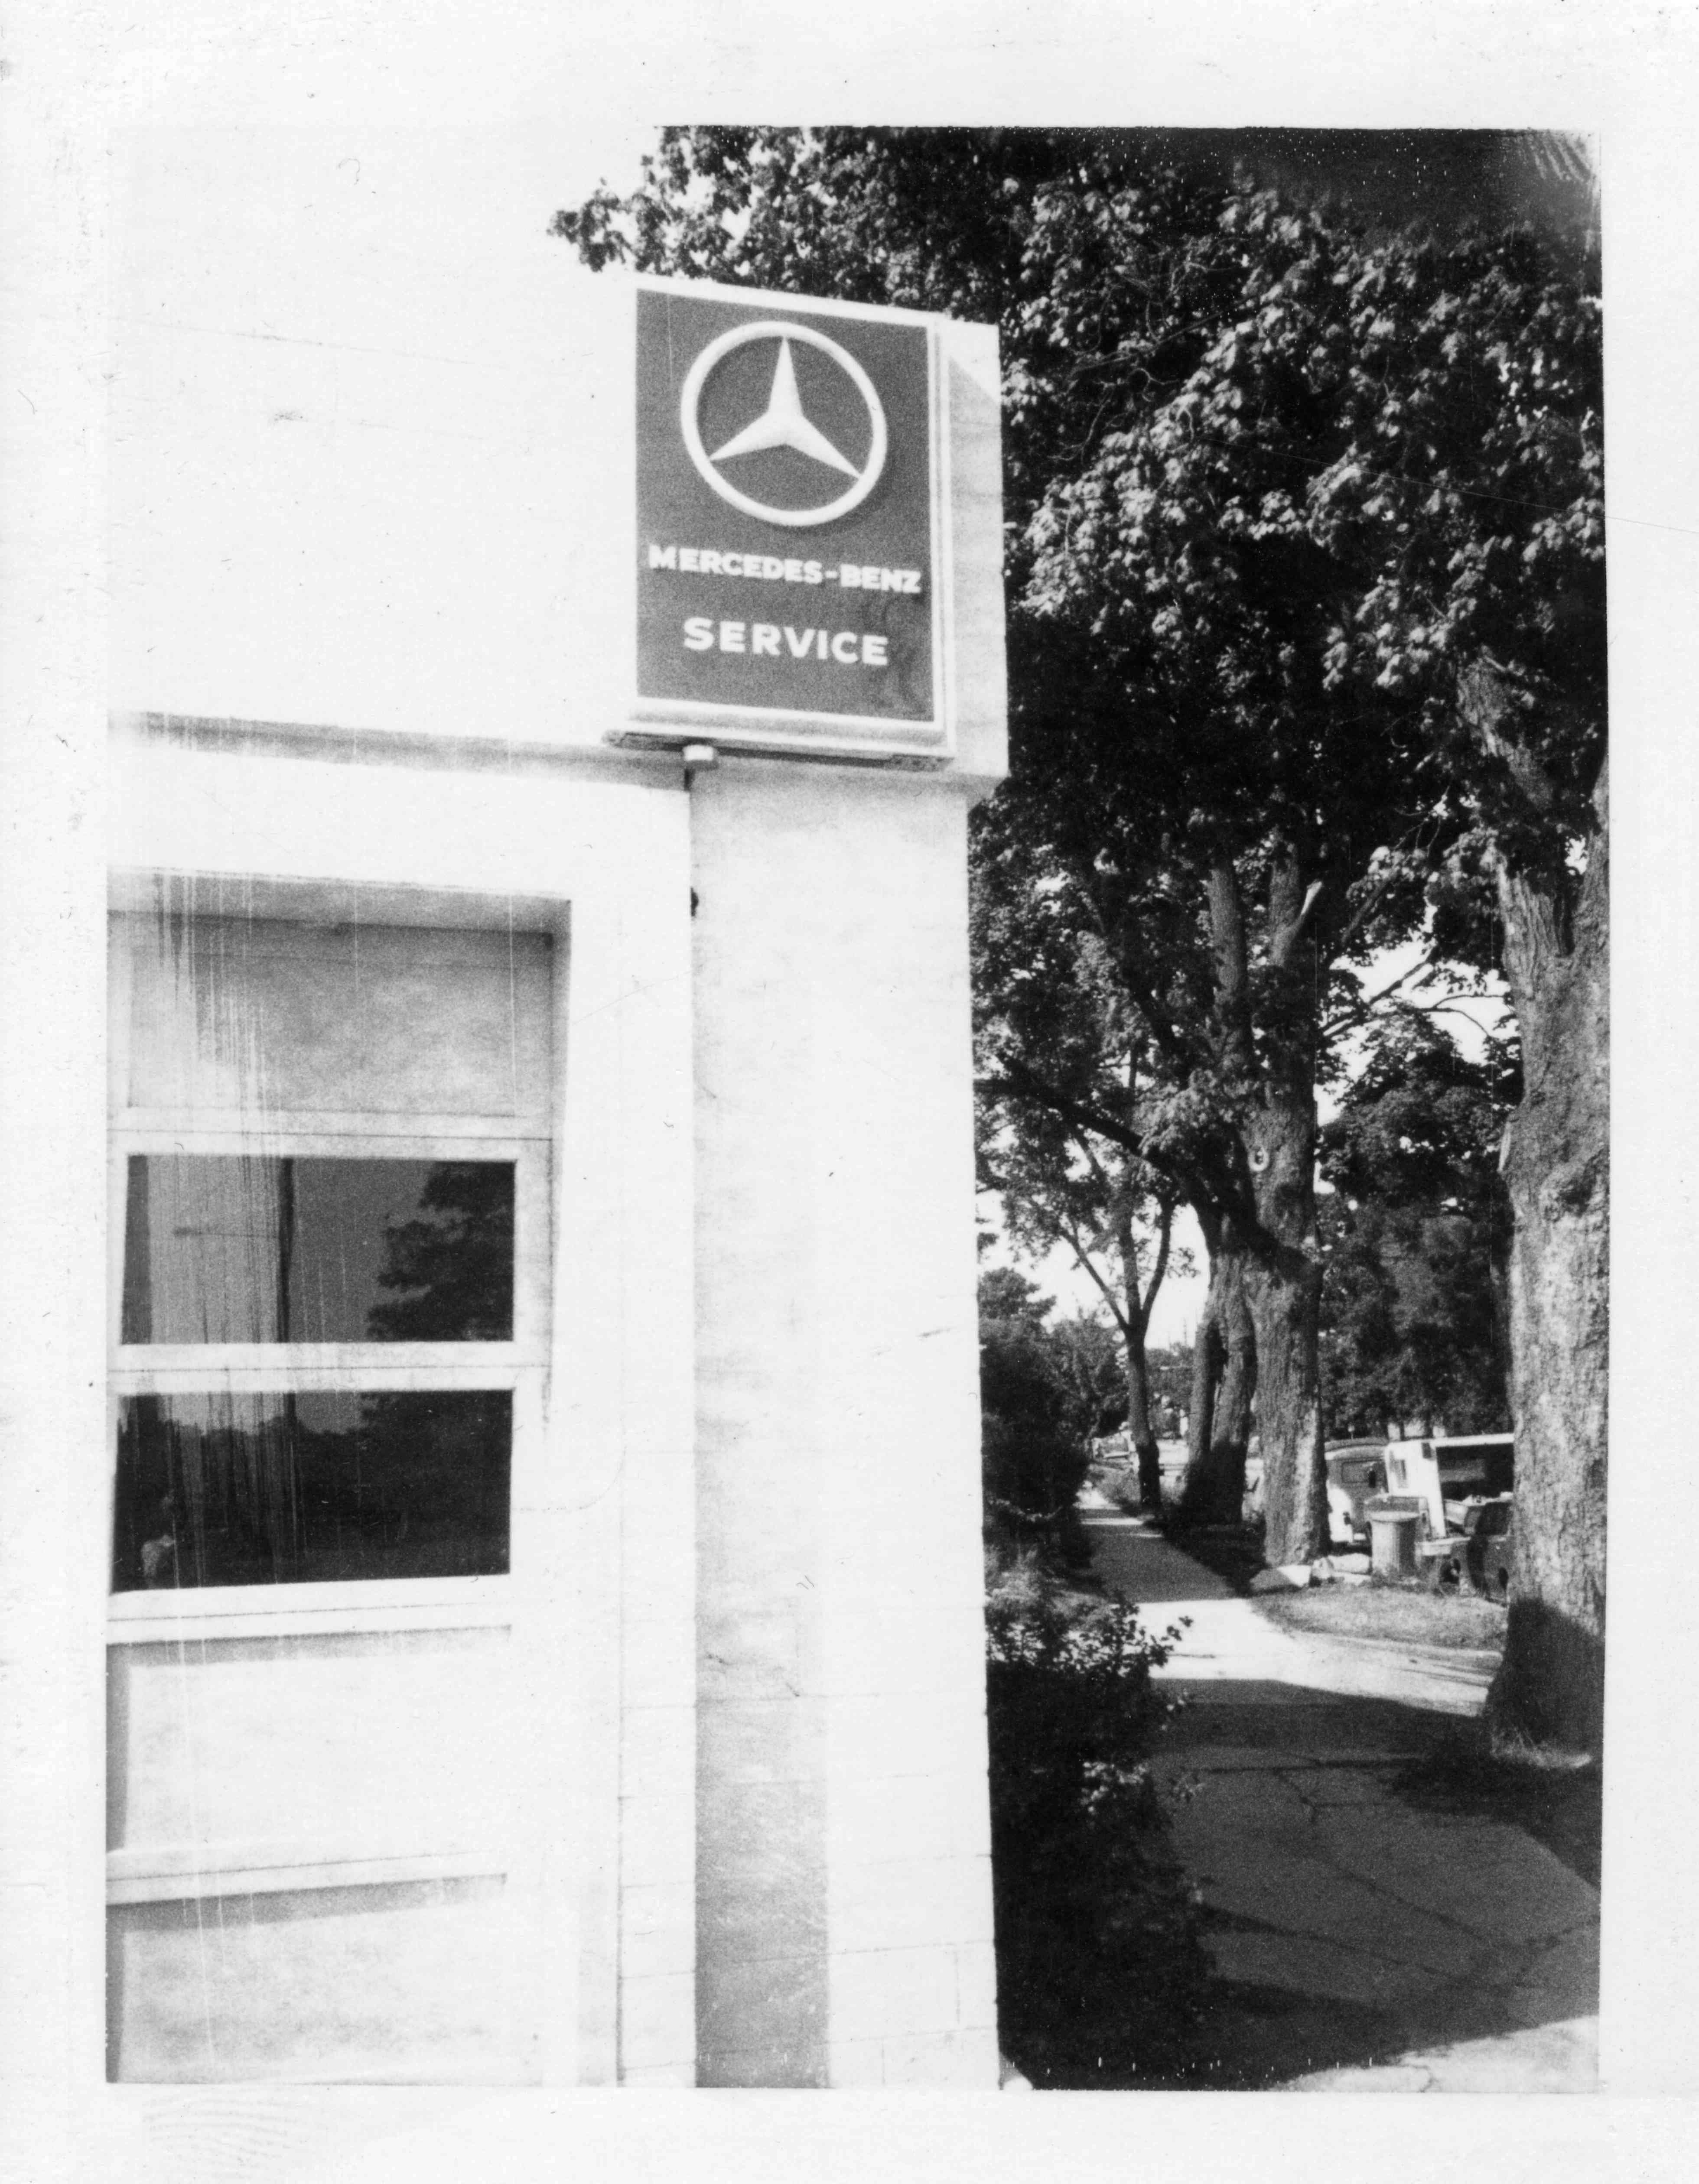 Arcure Motor Sales, 1974